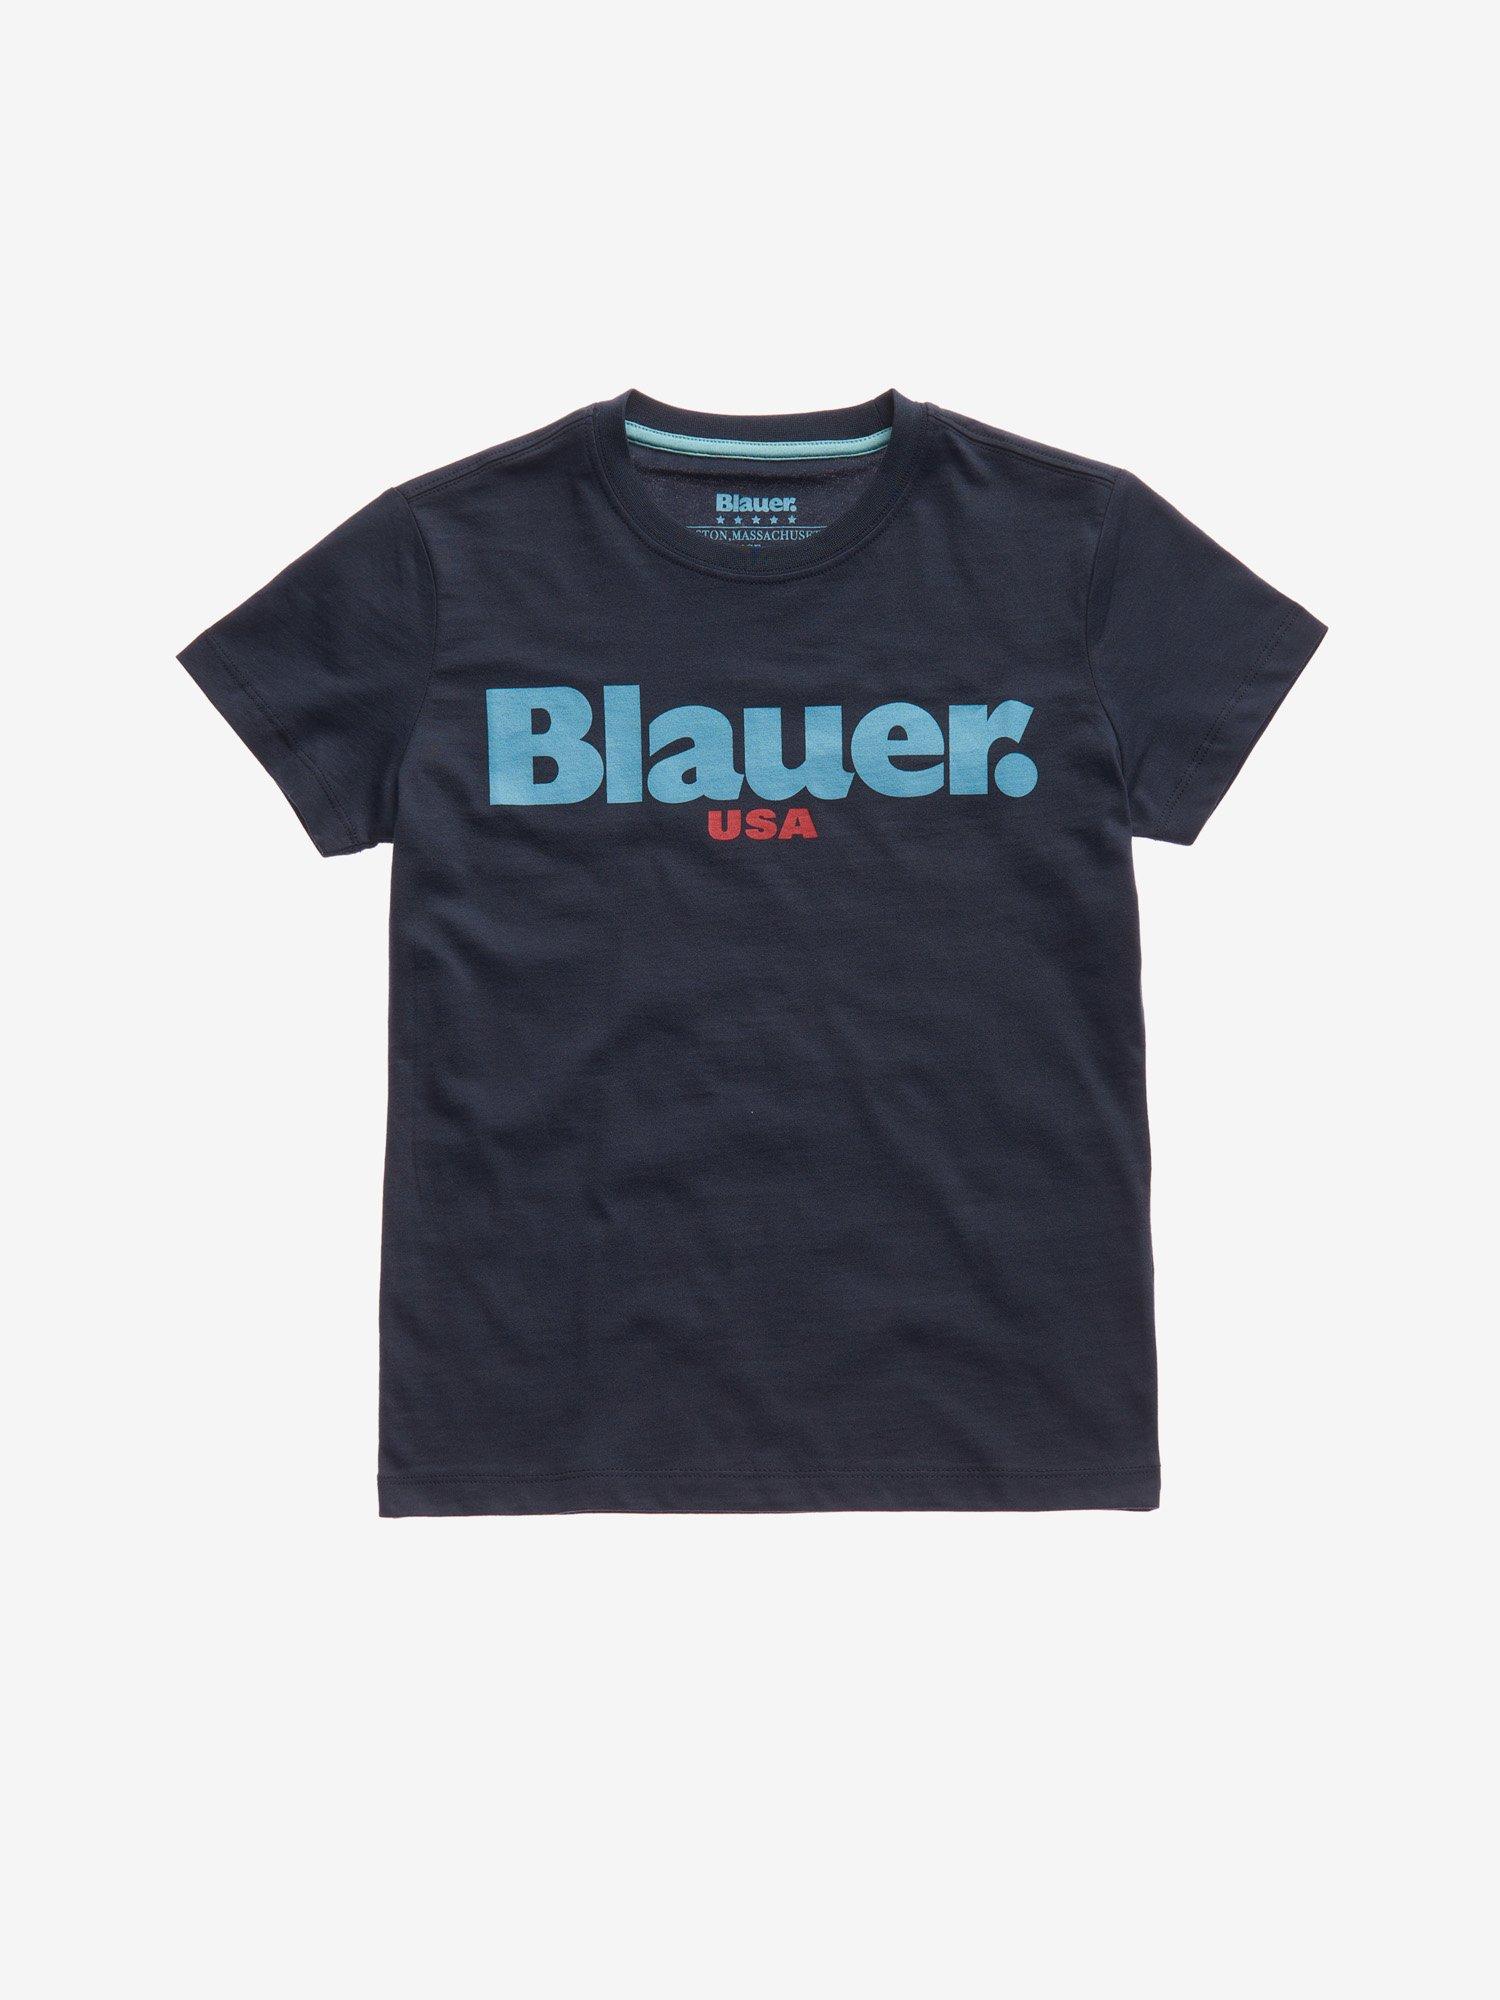 Blauer - CAMISETA JUNIOR BÁSICA BLAUER - Cadet Blue - Blauer